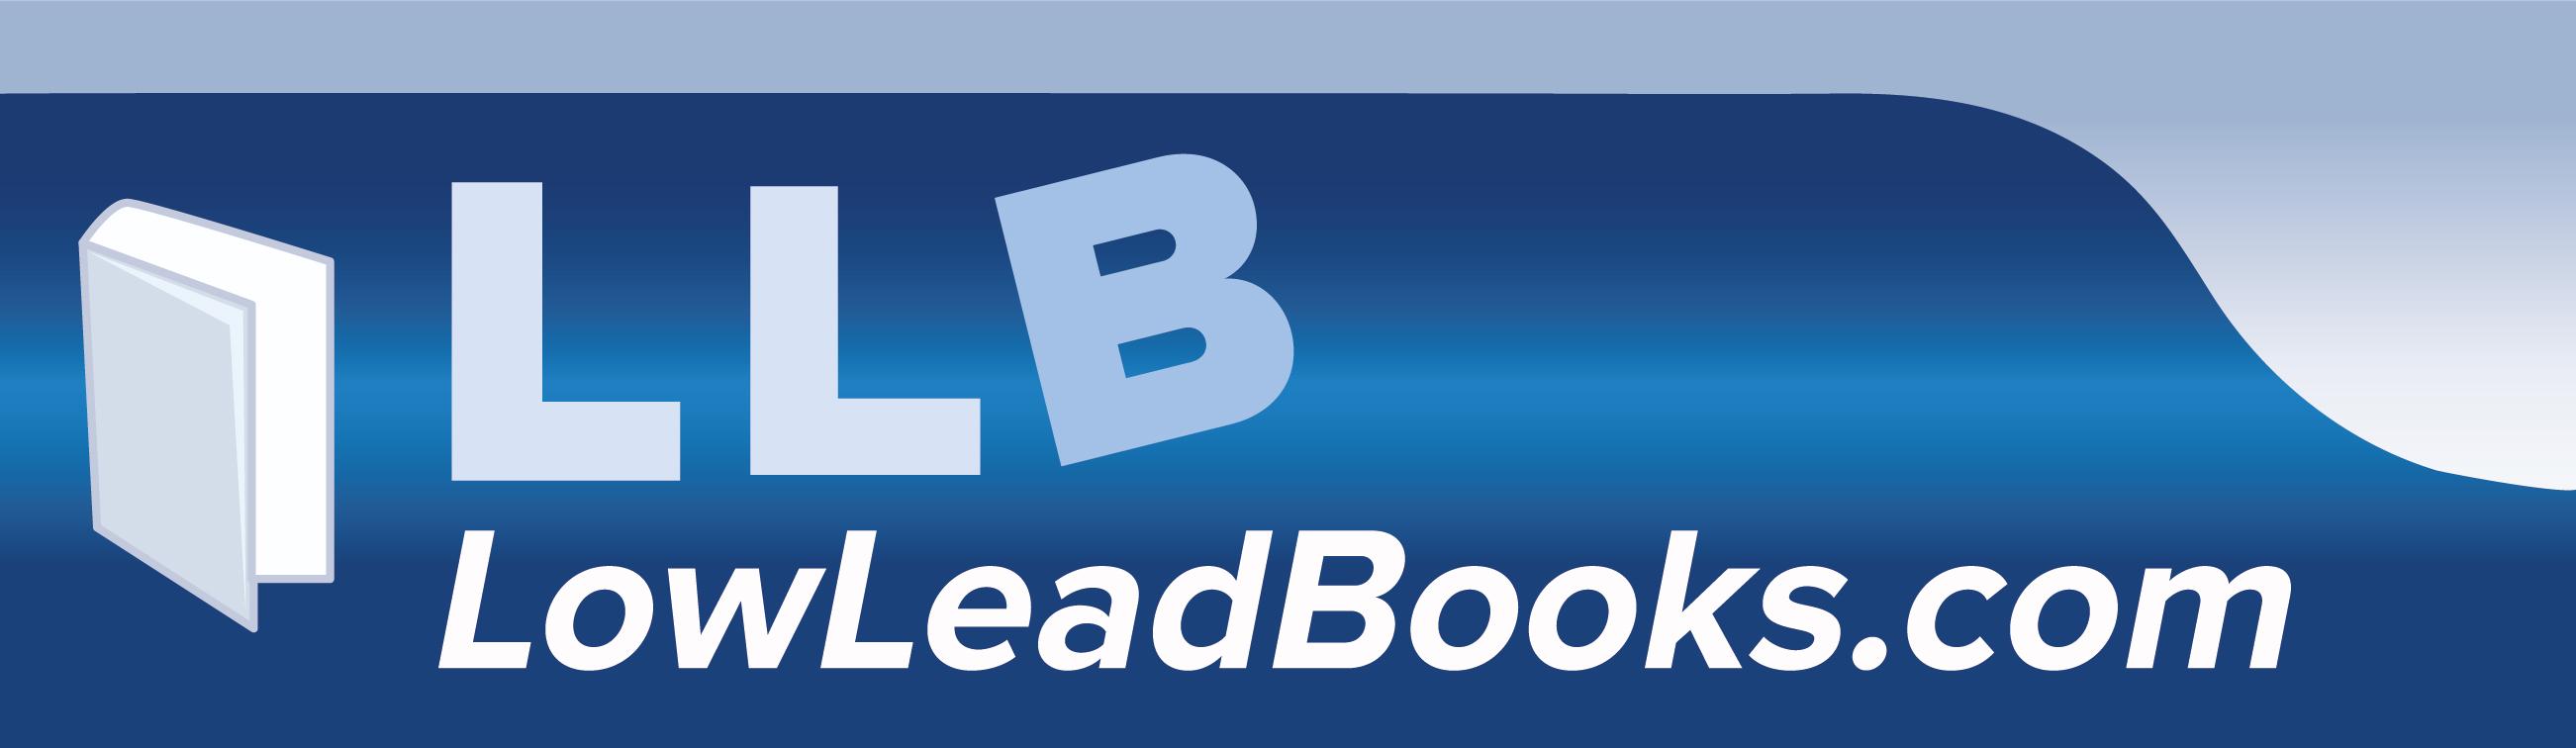 www.LowLeadBooks.com